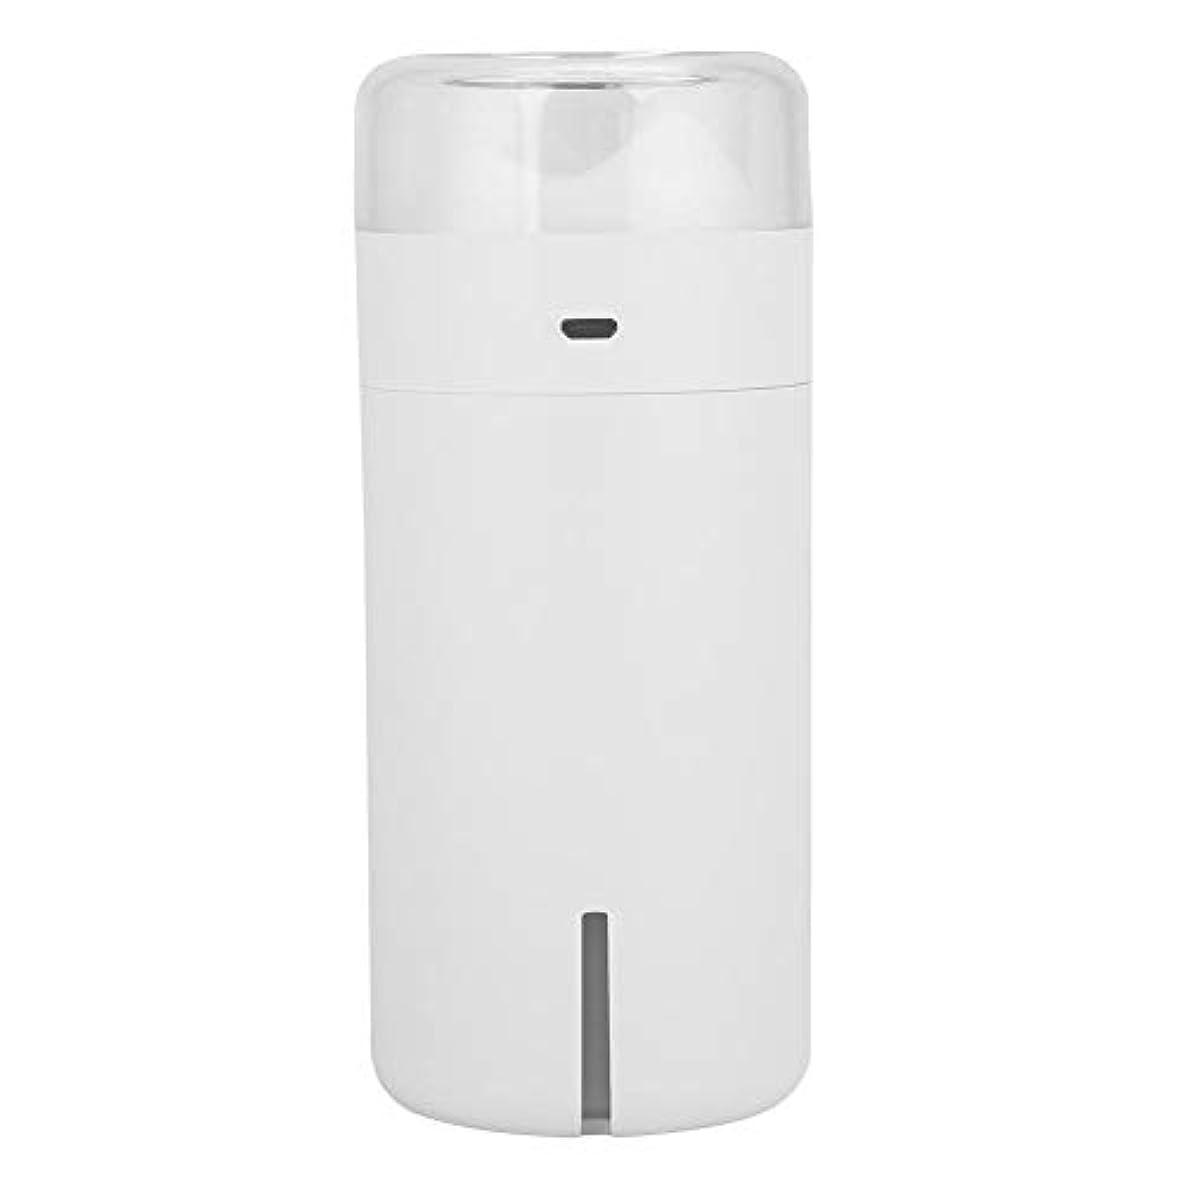 民族主義移住するハンディキャップ携帯用拡散器、車のオフィスのためのUSBケーブルが付いている超音波空気加湿器7色LEDの軽い清浄器(白)